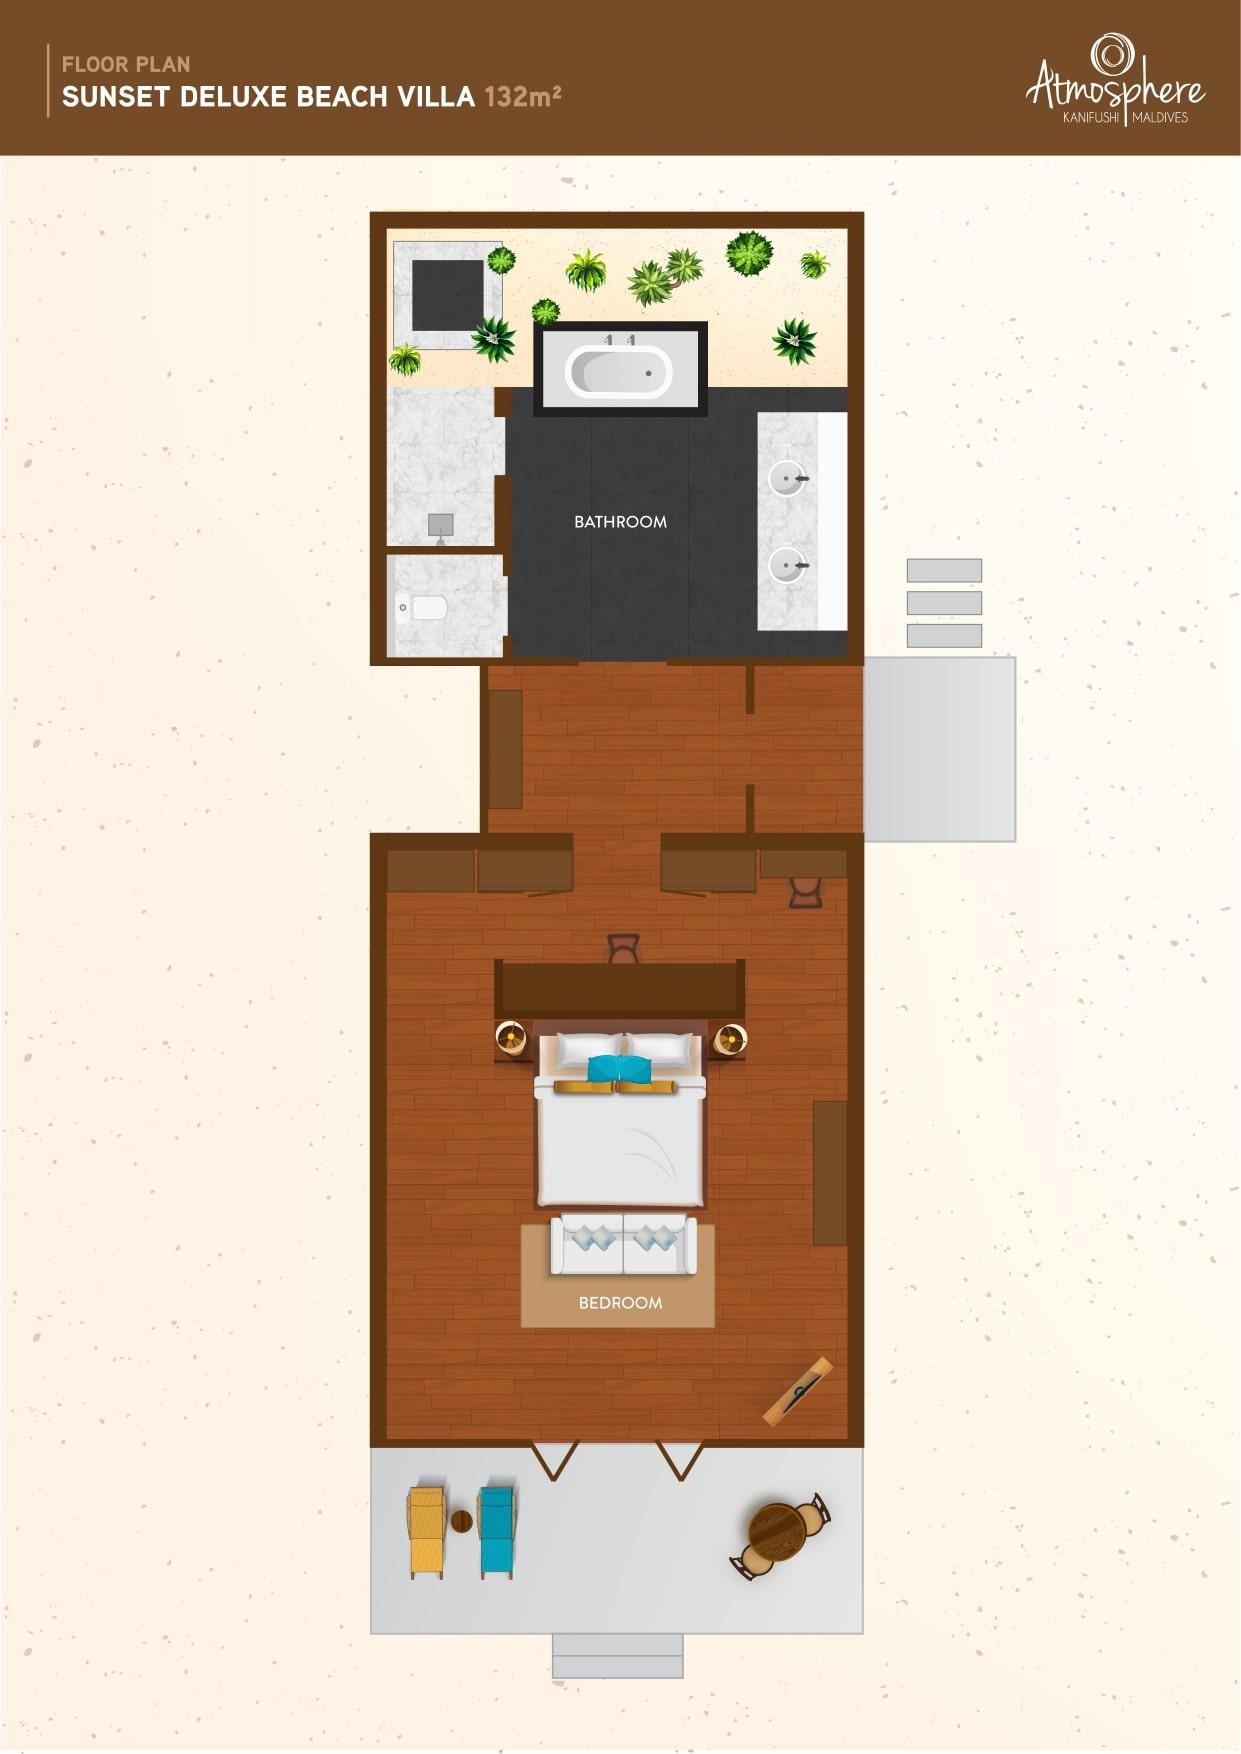 Мальдивы, отель Atmosphere Kanifushi Maldives, план-схема номера Sunset Deluxe Beach Villa